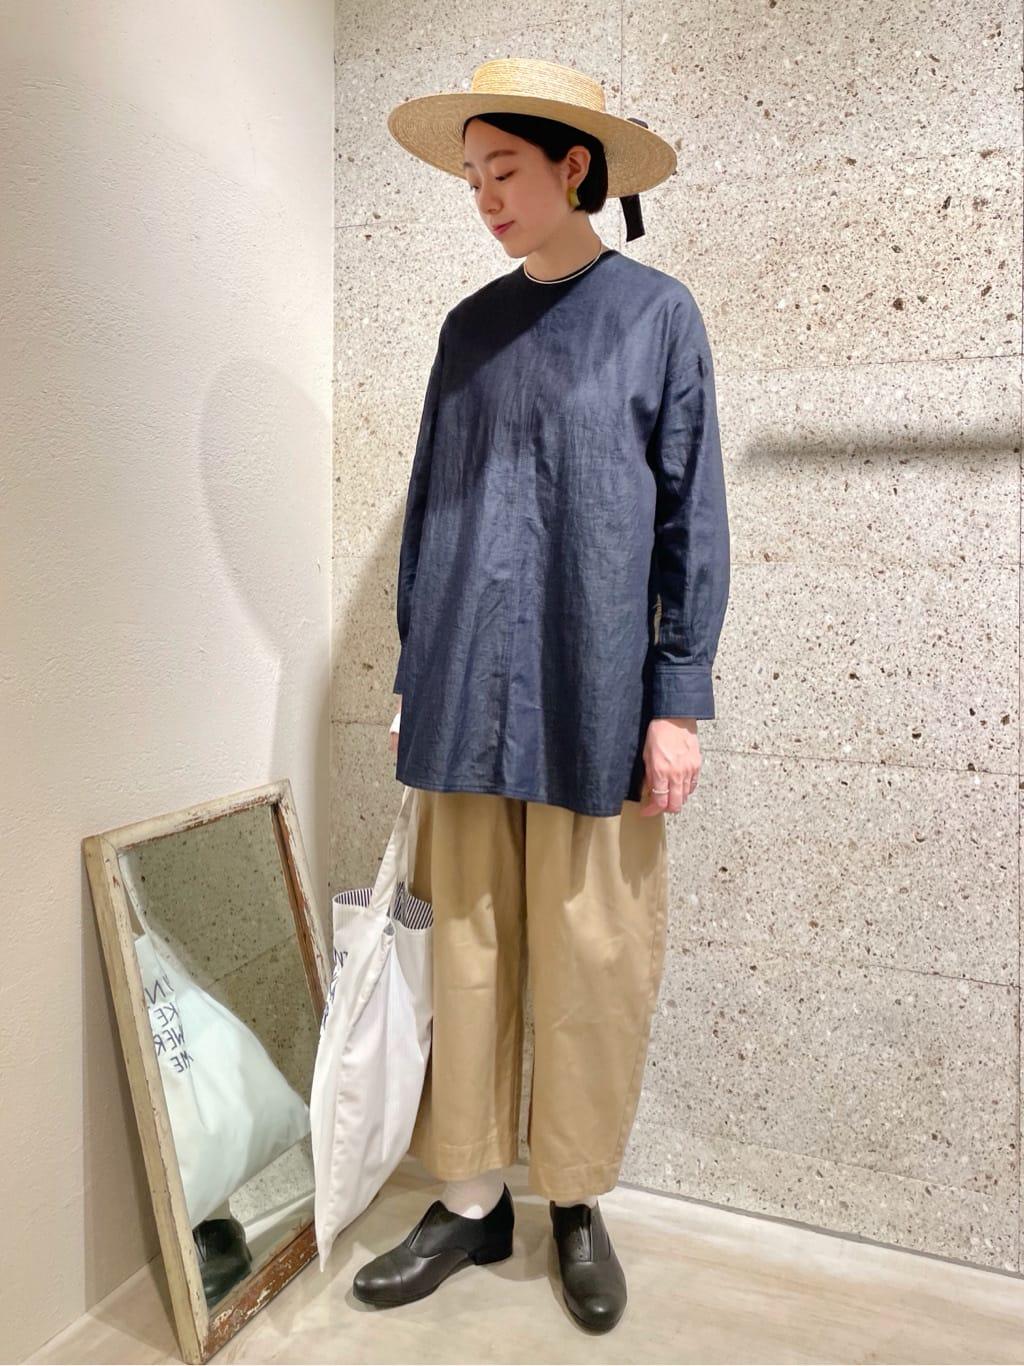 yuni ニュウマン横浜 身長:166cm 2021.08.13